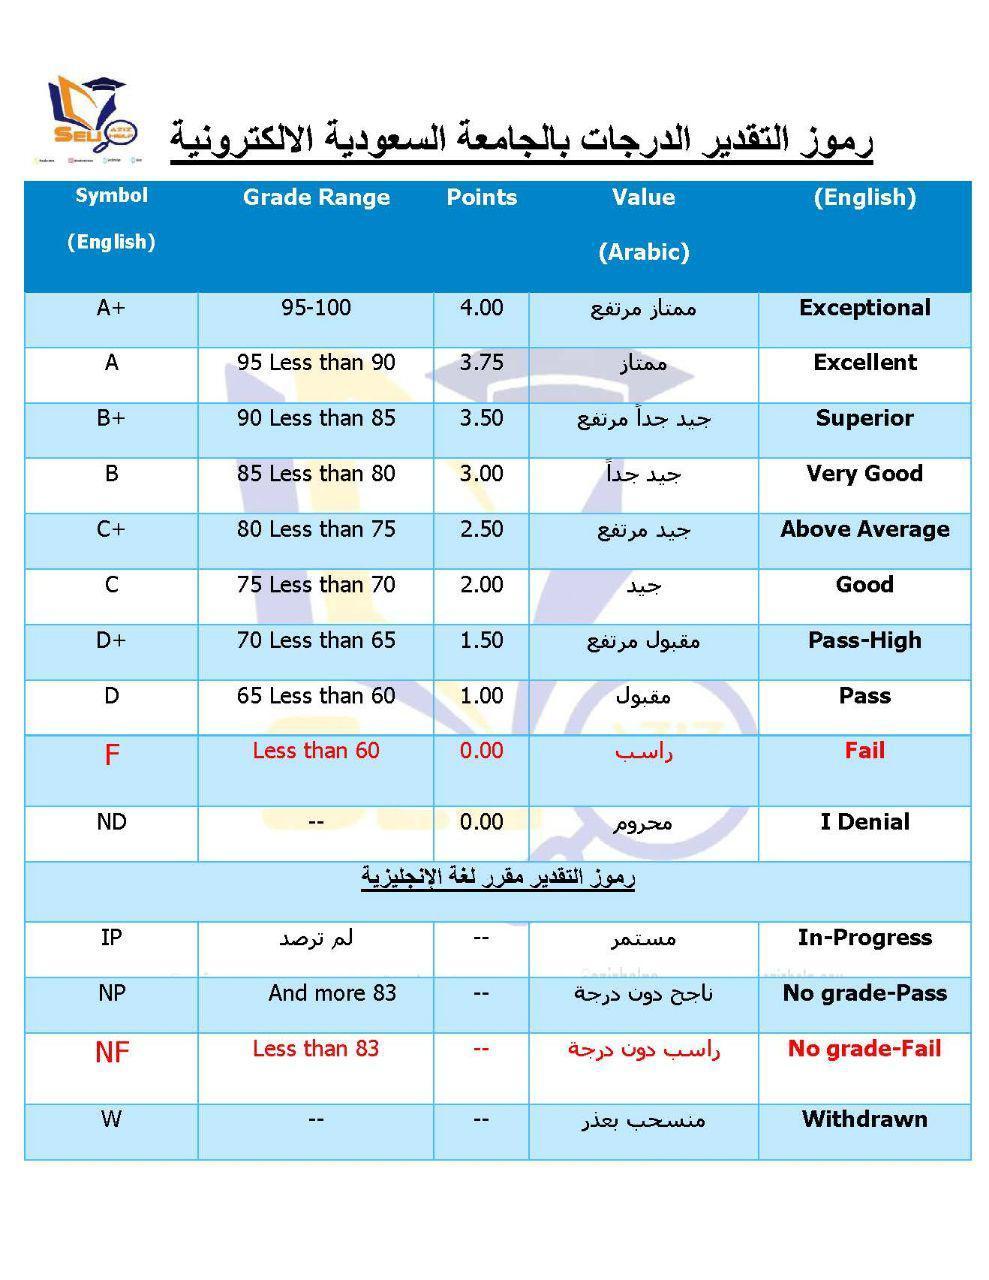 رموز تقدير الدرجات في الجامعة السعودية الالكترونية مدونة المناهج السعودية